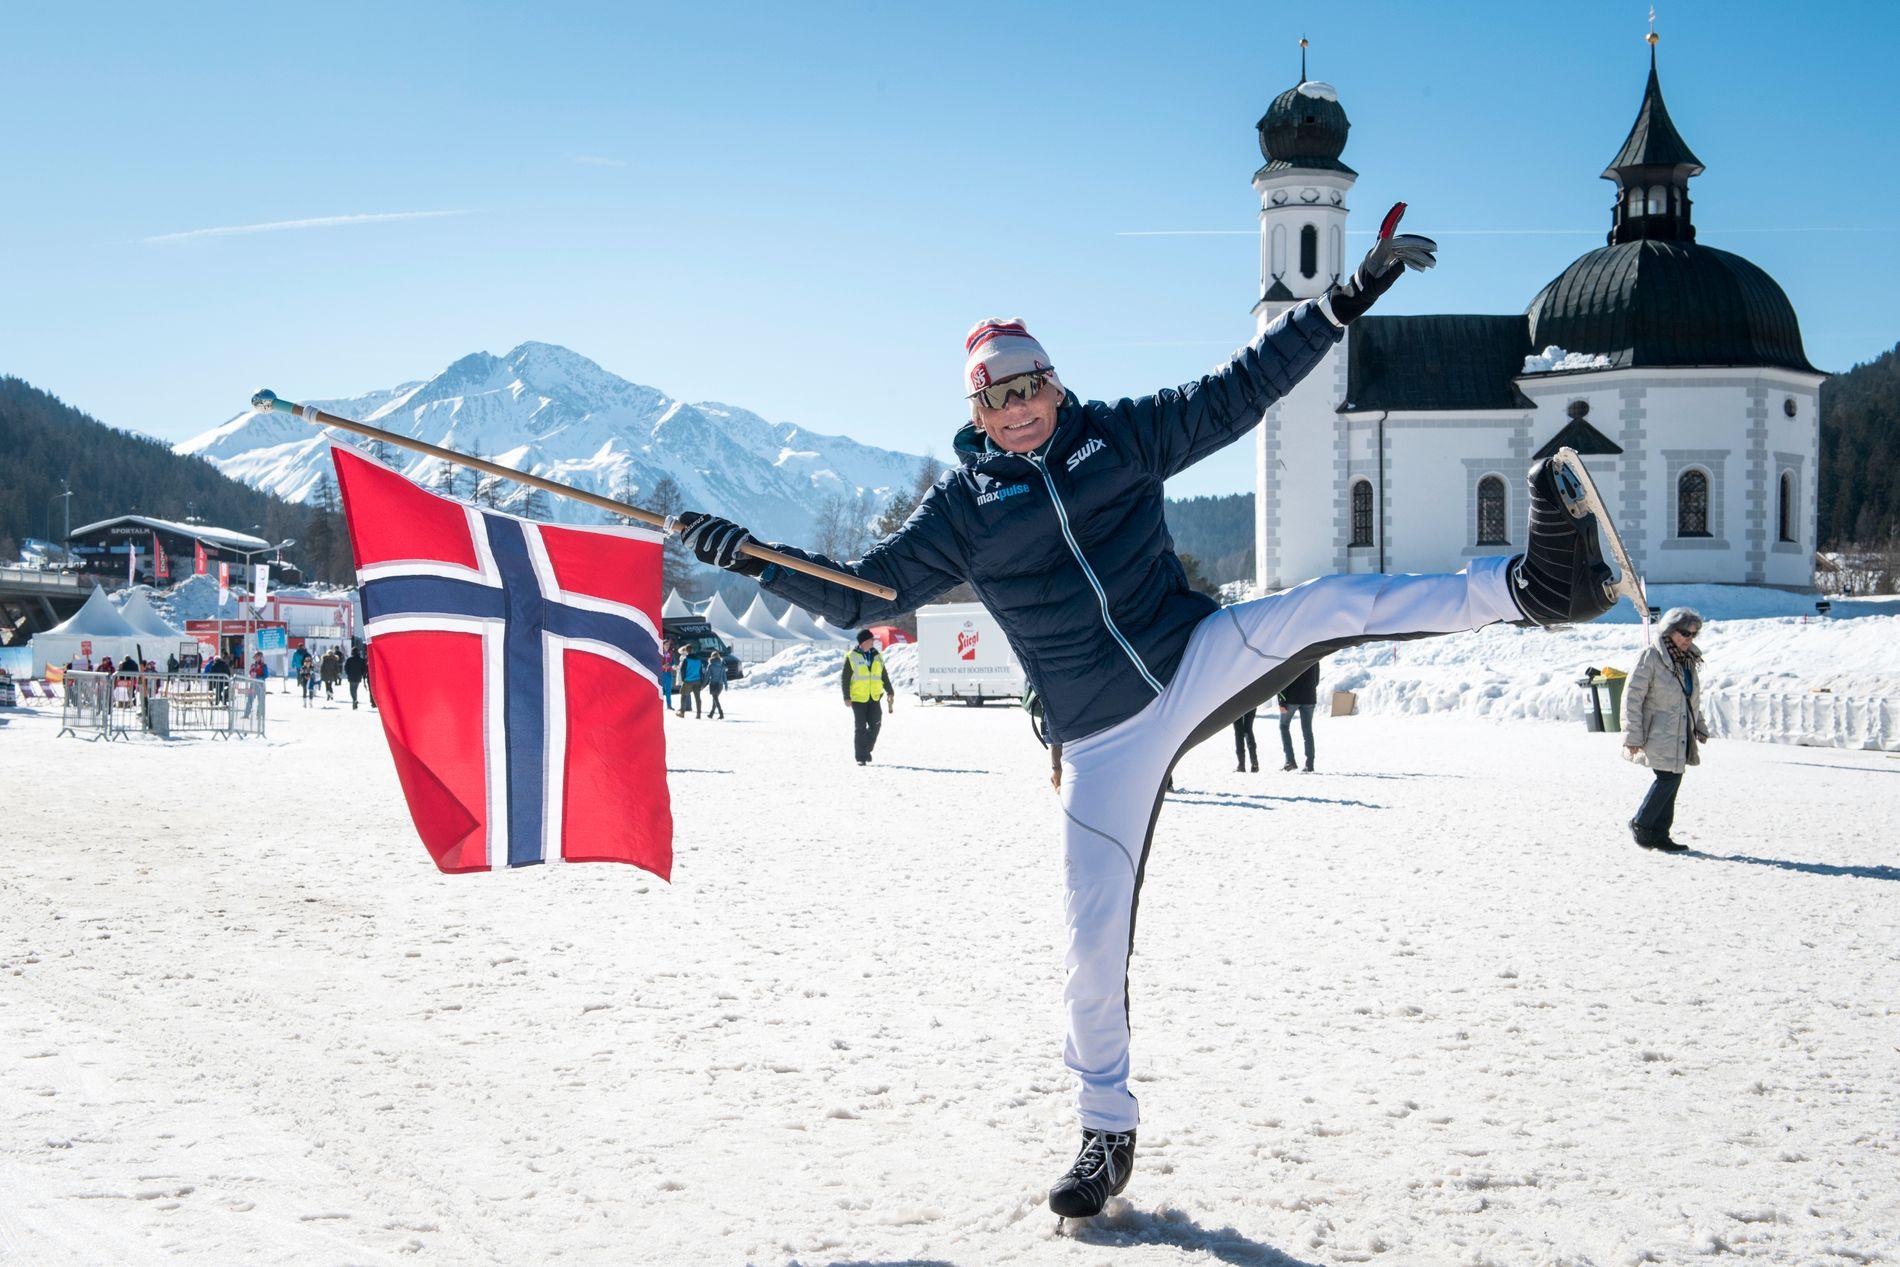 Seefeld februar 2019: Anette Bøe med kunstløpskøyter og norsk flagg 34 år etter at hun ble VM-dronning her.